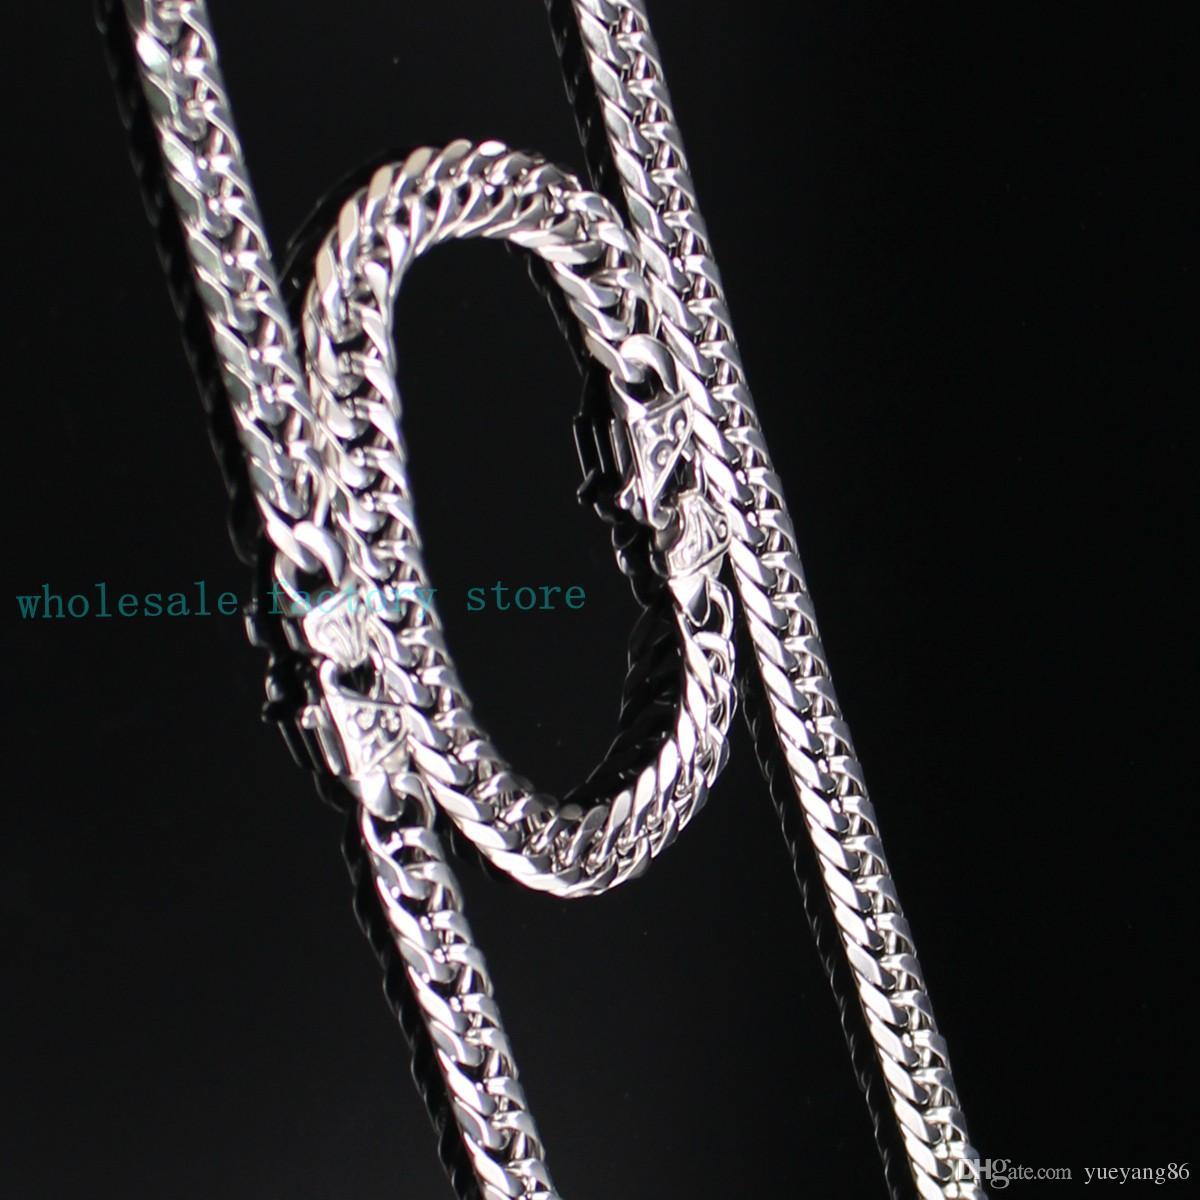 Ensemble de bijoux pour hommes en acier inoxydable Acier inoxydable 12mm Double lien Curb Chain 60cm Collier + 22cm Bracelet avec fermoir rétro